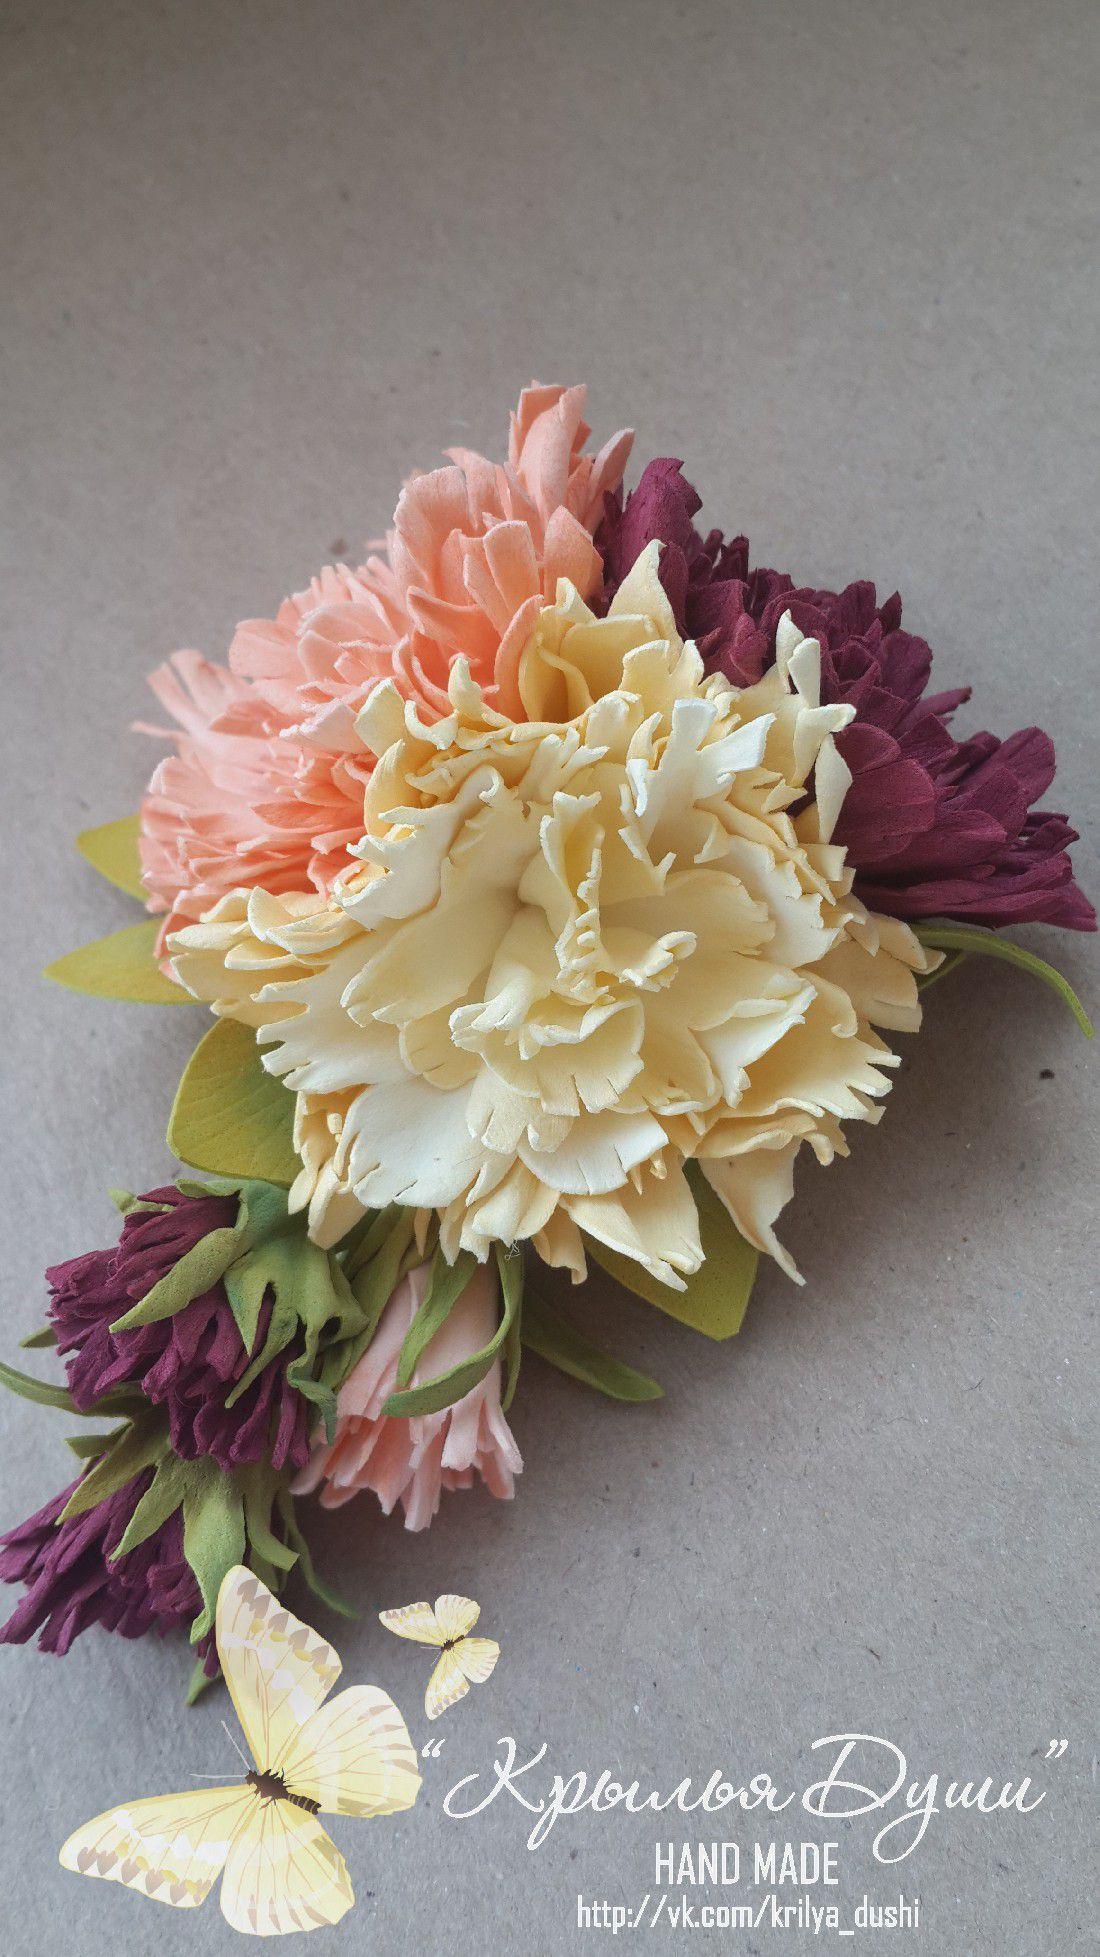 мейд волос украшения фоамиран ручная для розы работа хенд цветы